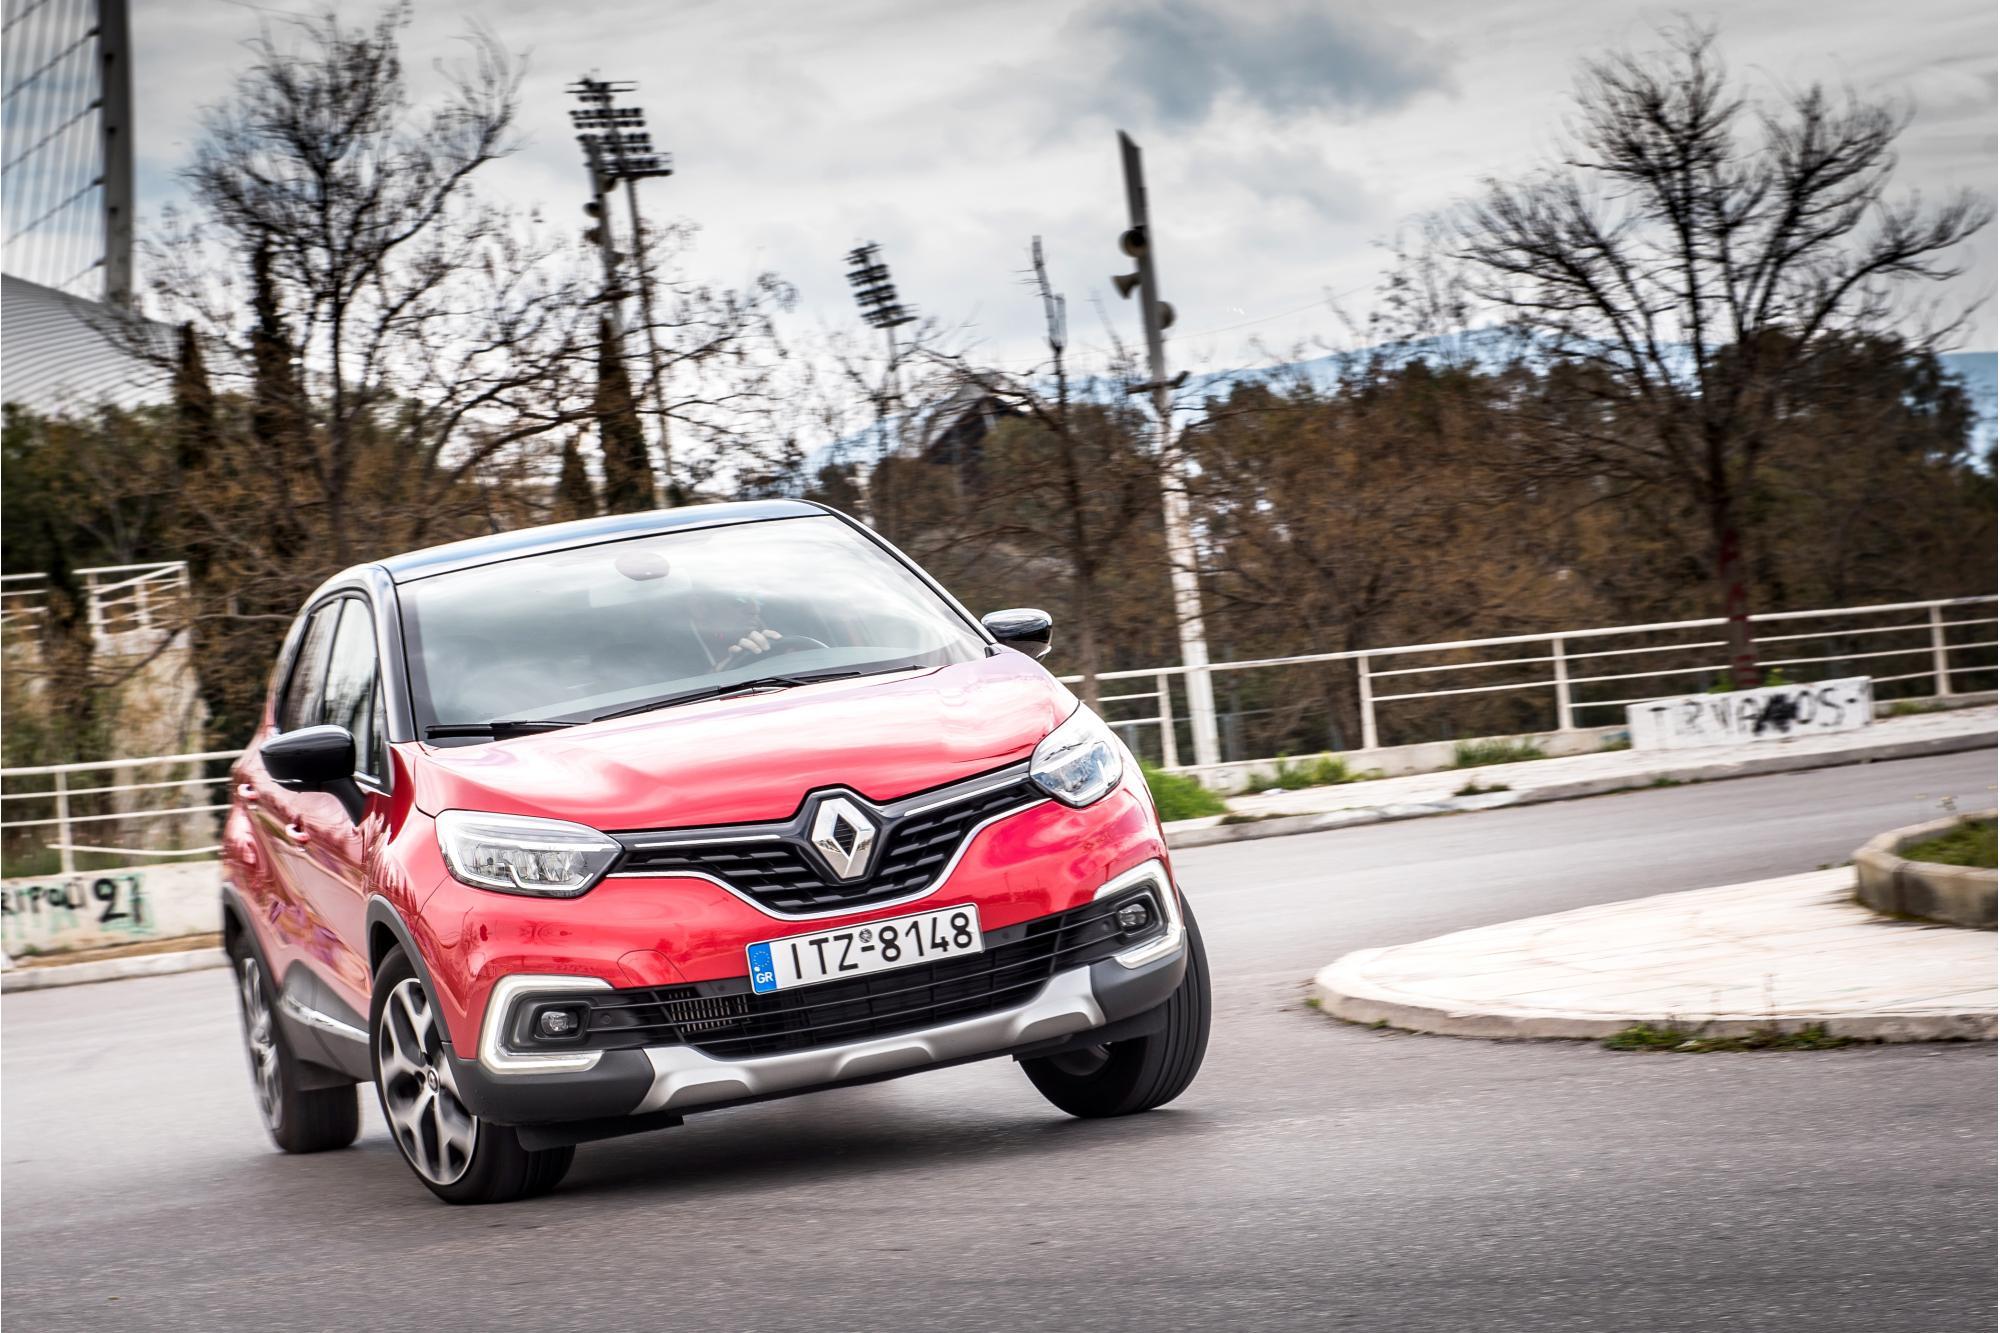 Renault Captur 1.2TCe 120Ps